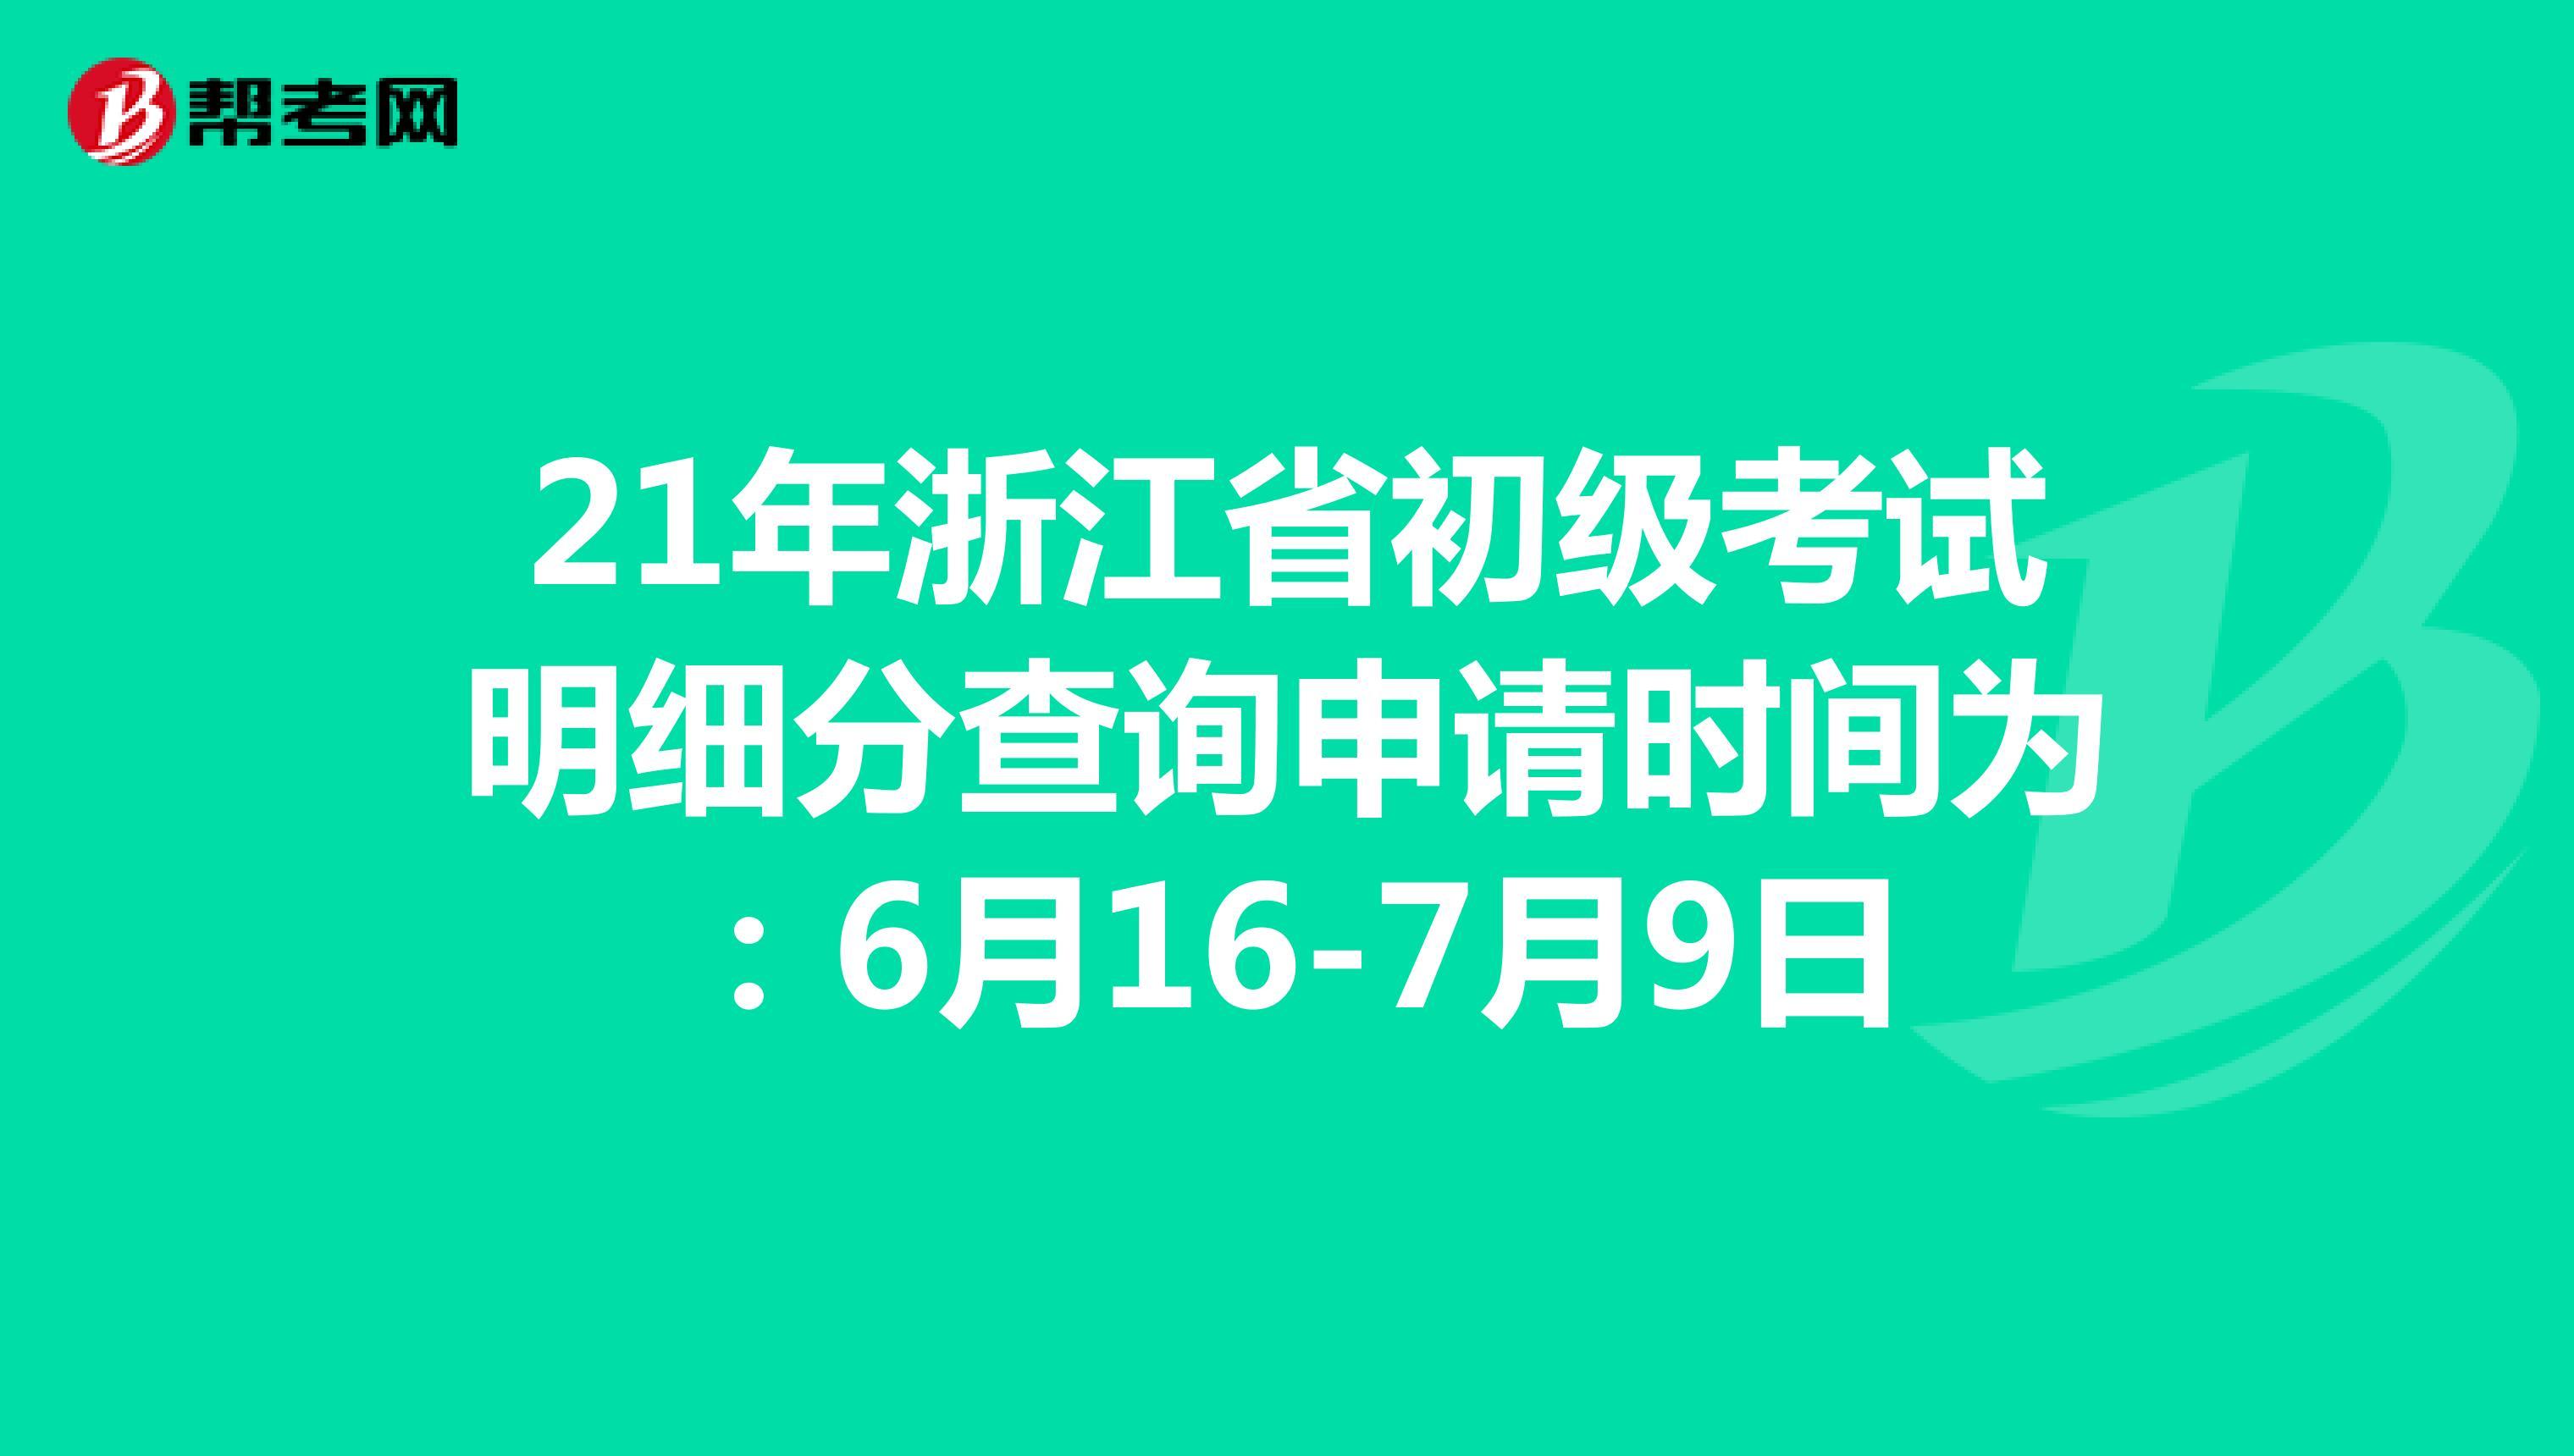 浙江省成绩查询考试资讯